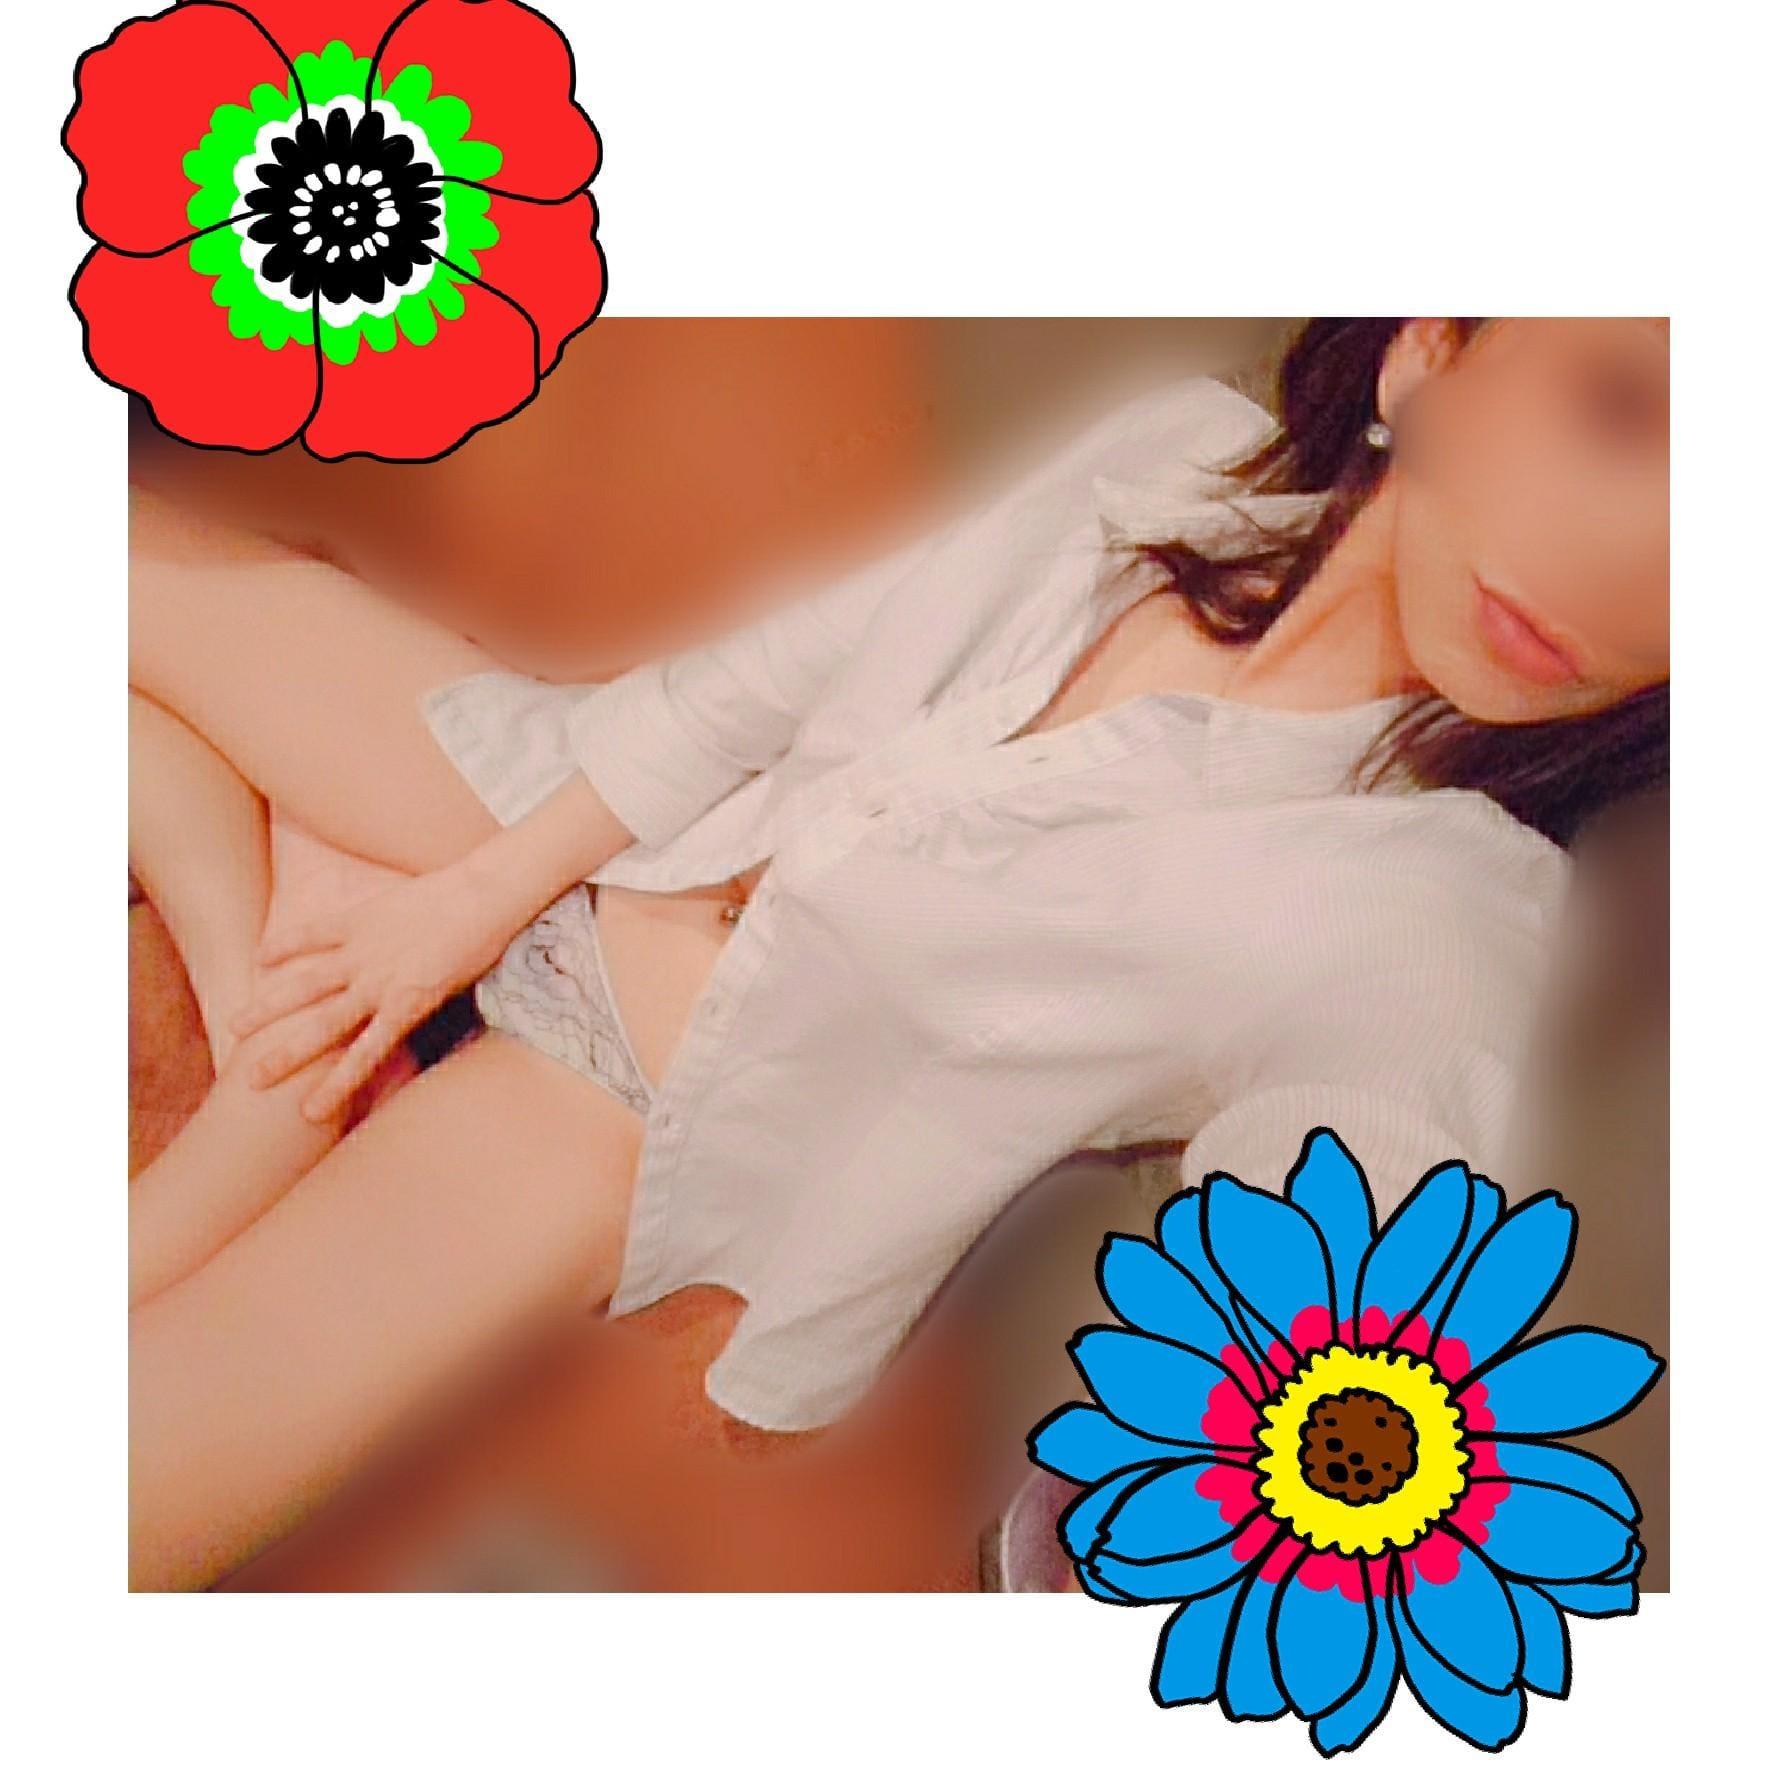 「?金曜日?」09/25(09/25) 09:49   マットの神 ゆうの写メ・風俗動画